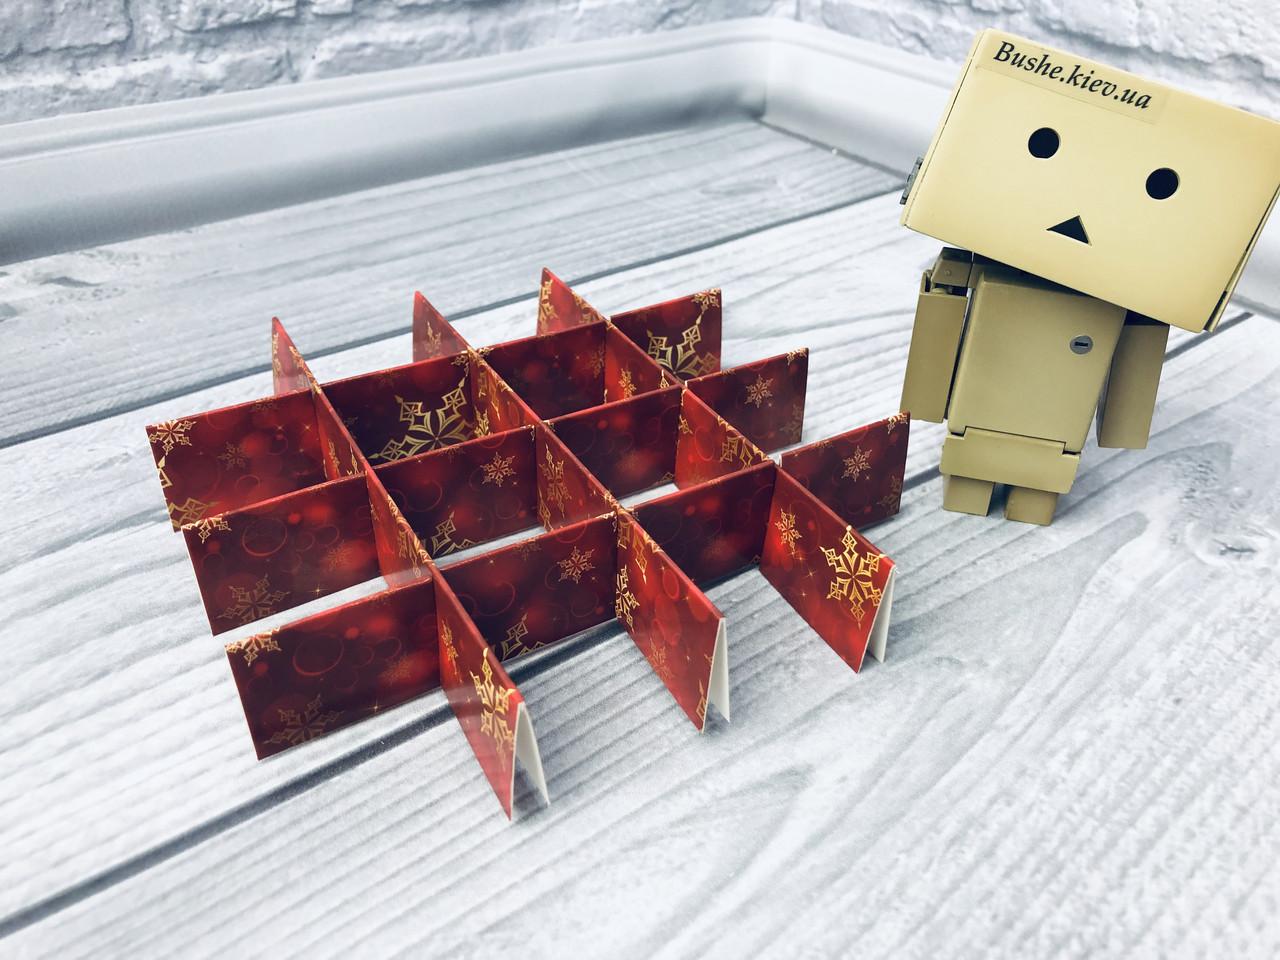 *10 шт* / Перегородка для конфет / 150х150х30 мм / 16 ячеек / Маленьк / печать-Снег.Красн / НГ